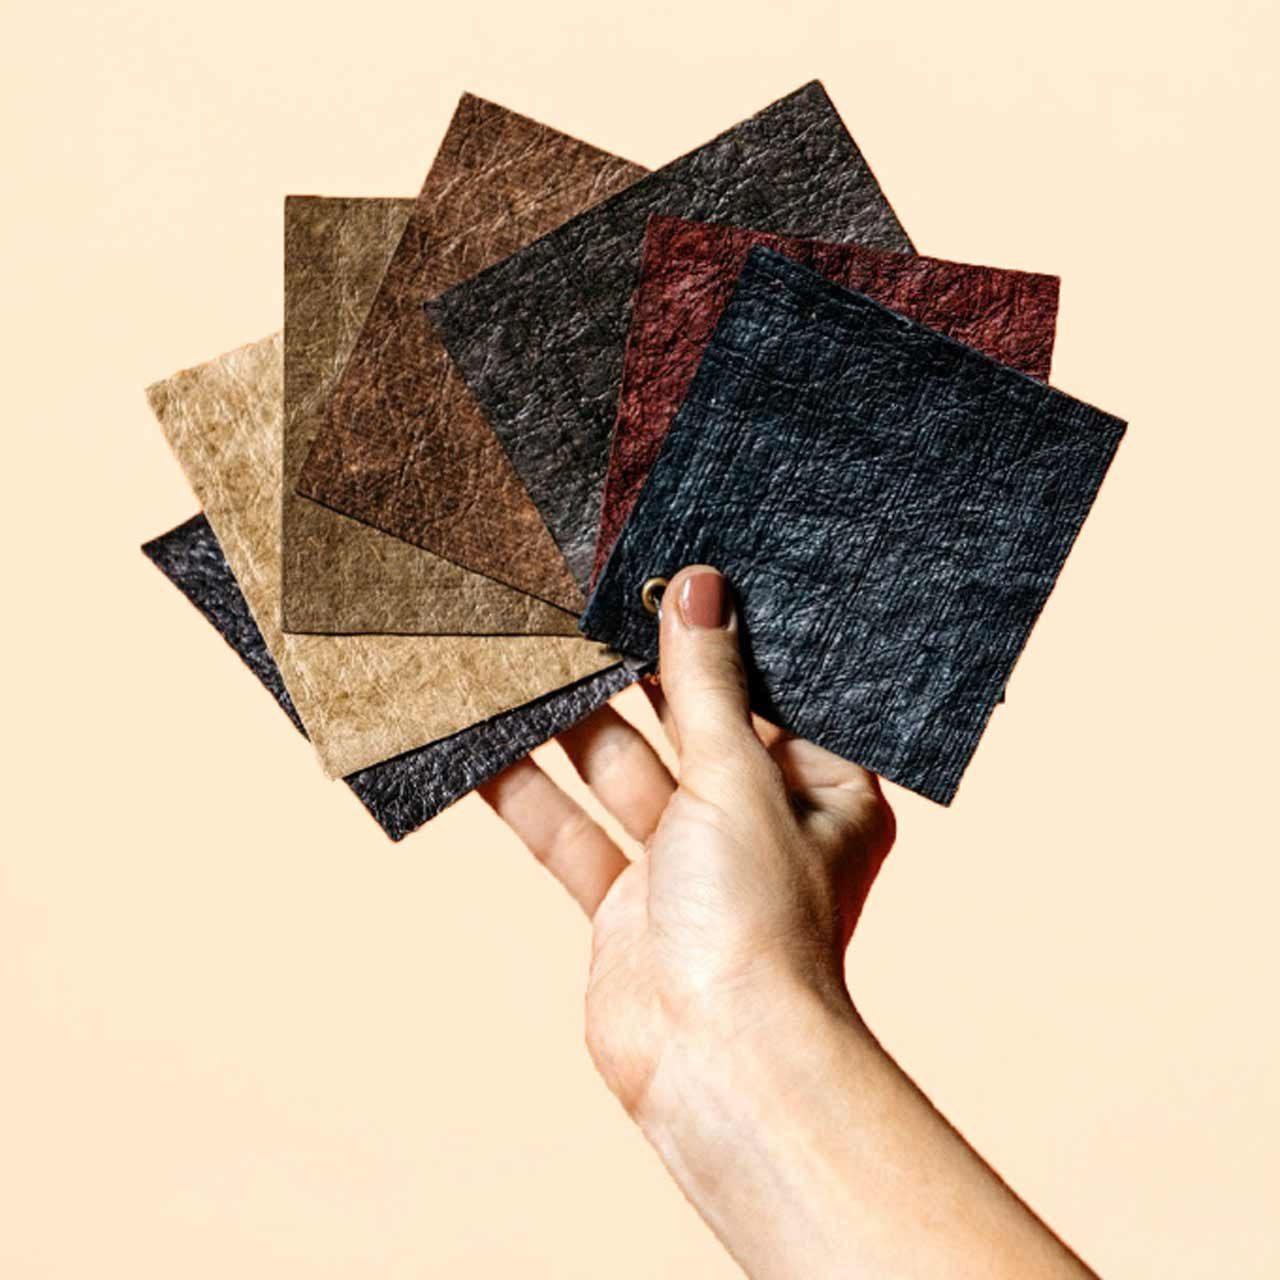 Malai tissu fibre coco